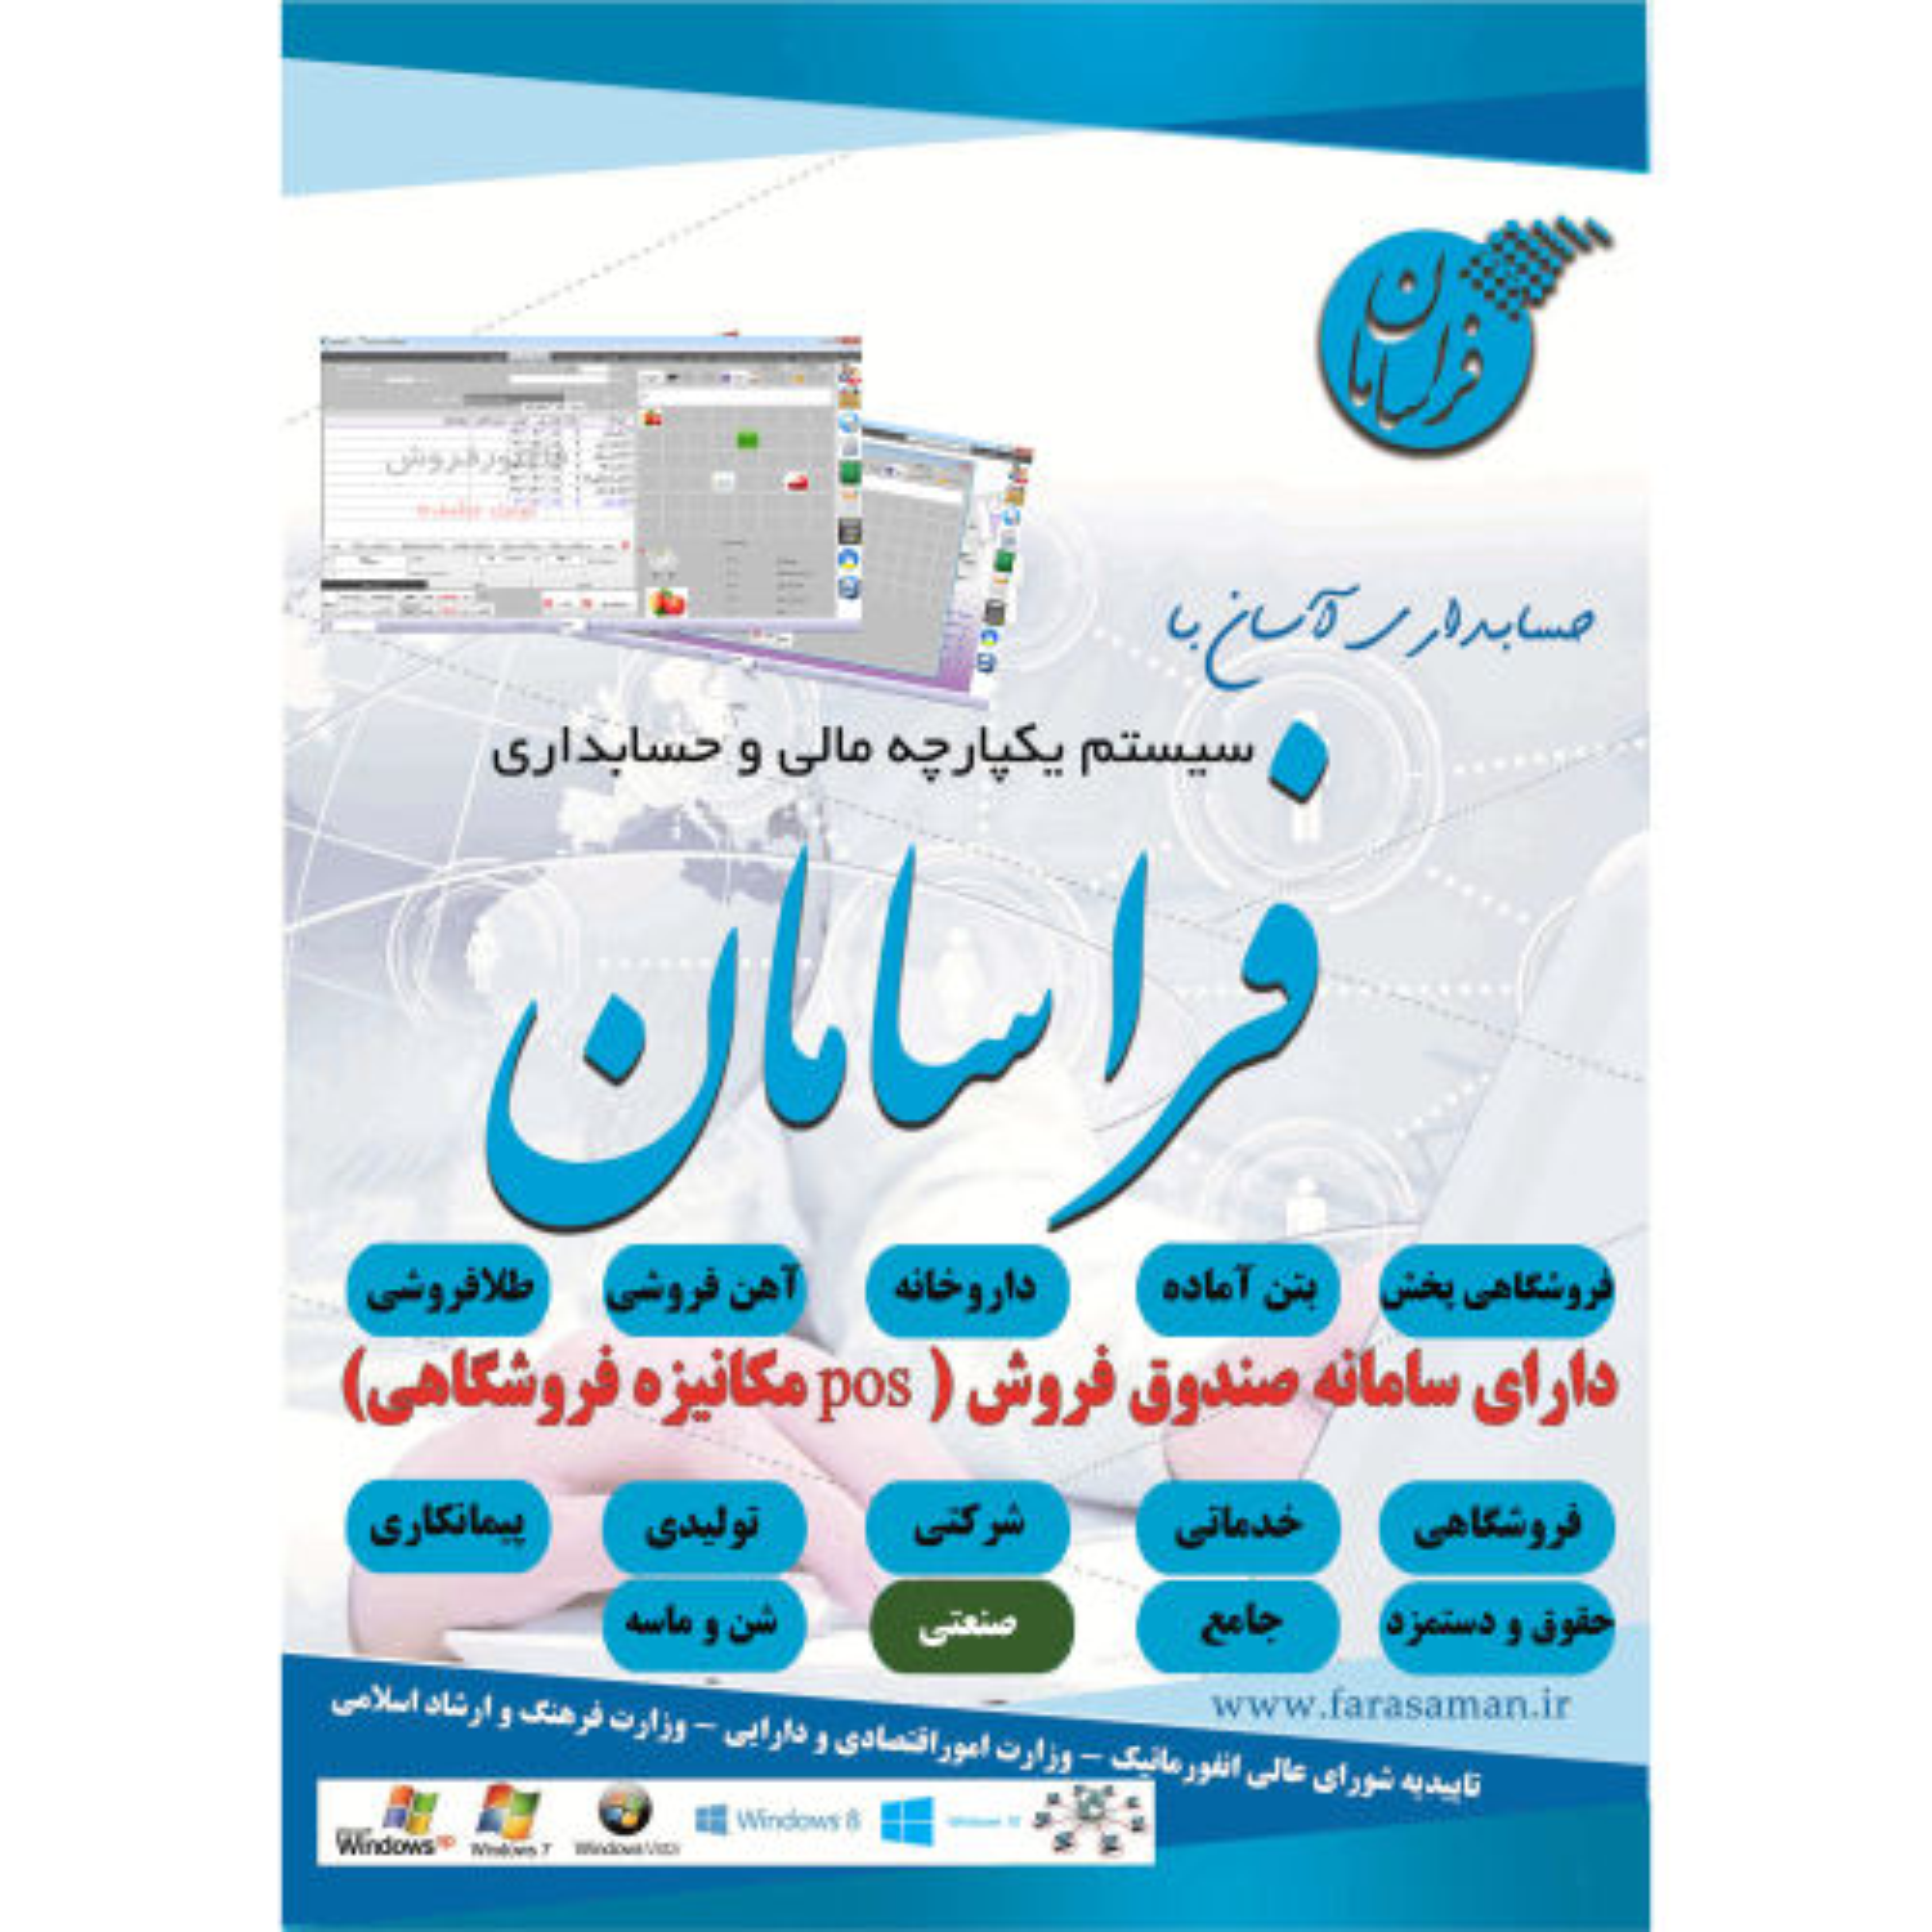 نرم افزار حسابداری فراسامان نسخه صنعتی